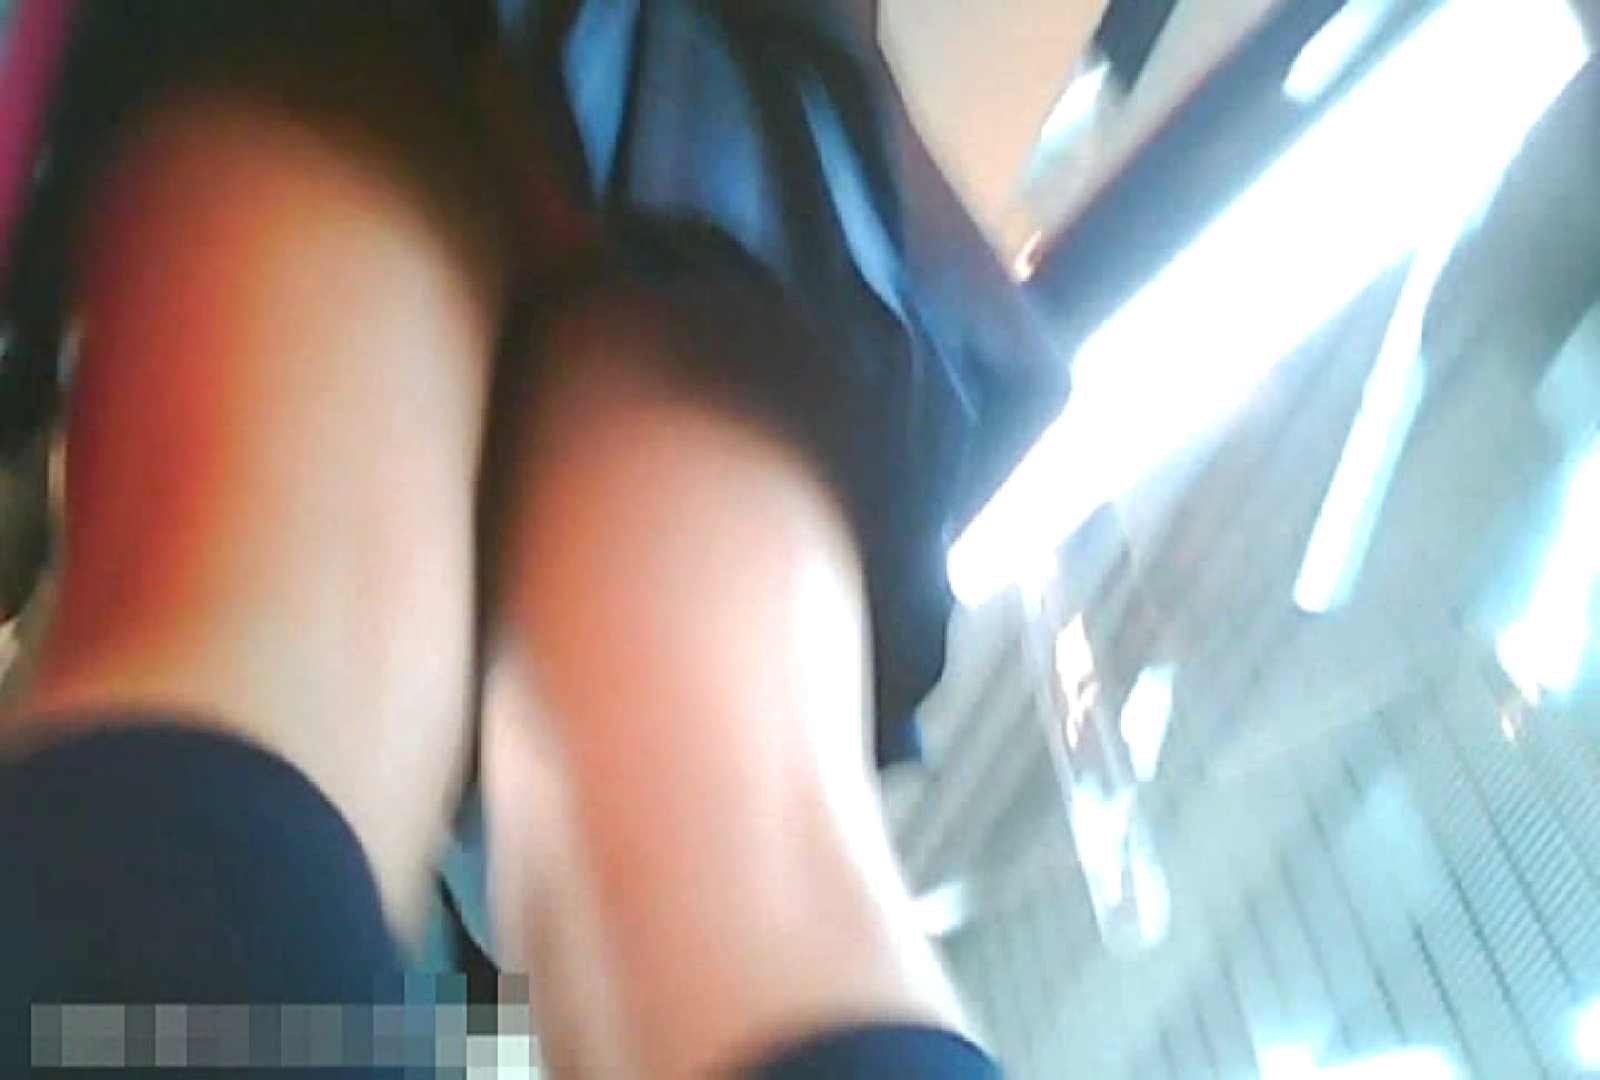 「チキン男」さんの制服ウォッチングVol.5 制服JK | 学校内で  61連発 7